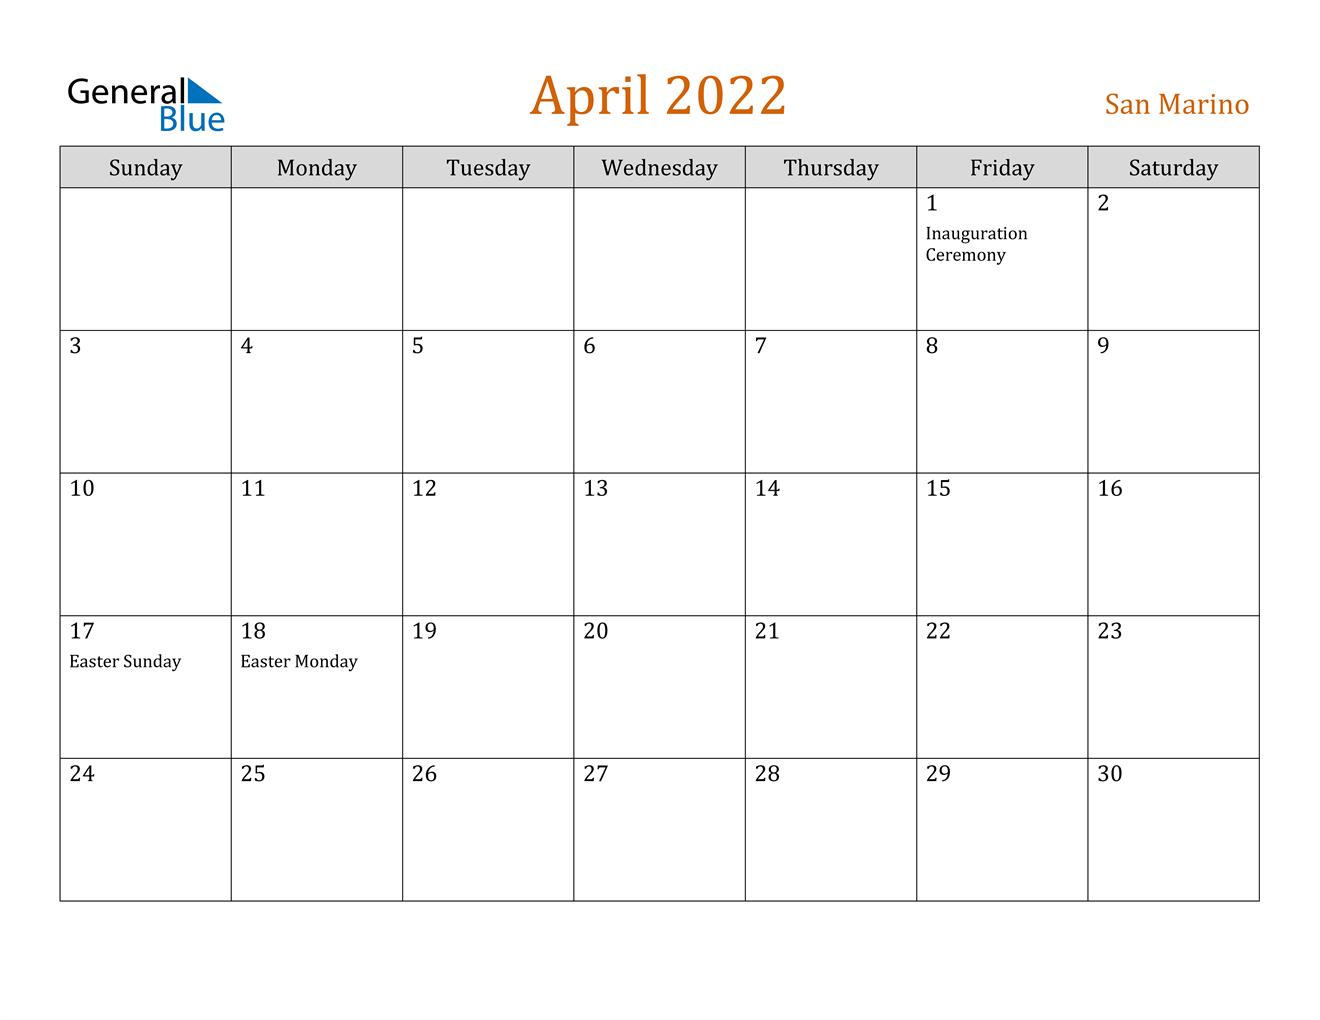 April 2022 Calendar - San Marino